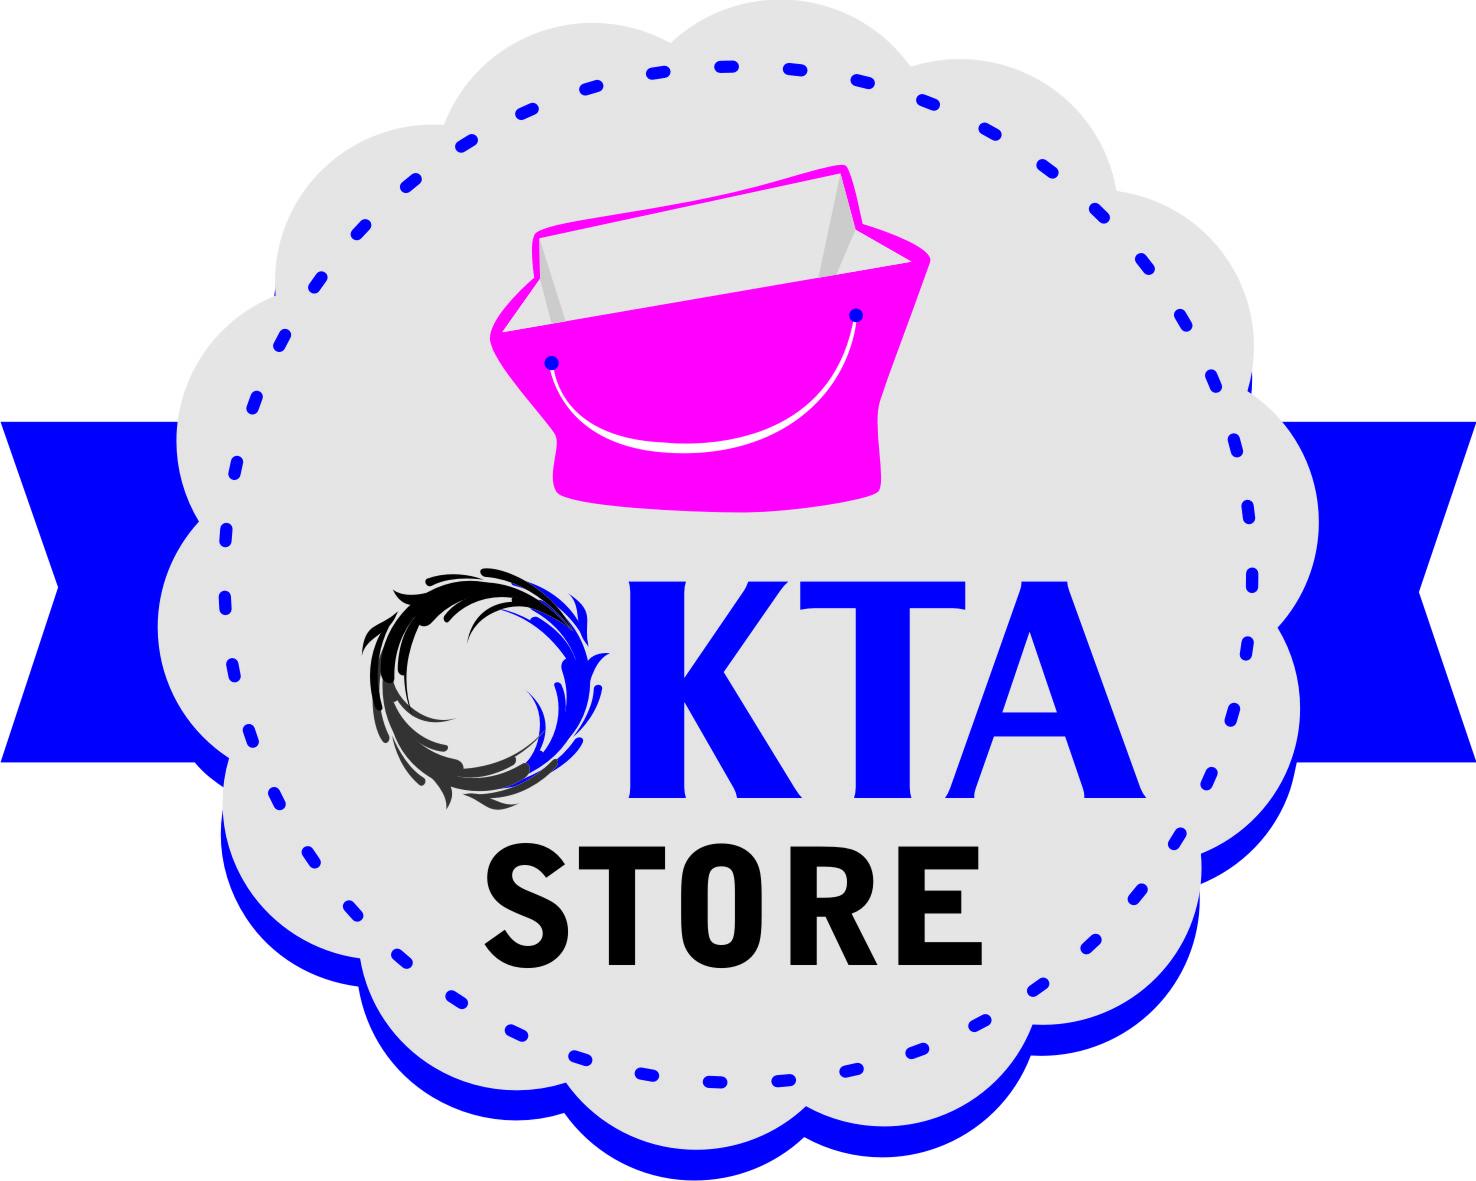 Jual Obeng Set Mini Lengkap 31 In 1 Hp Pc Reparasi Smartphone Handphone 16 Okta Store 8 Bulan Yang Lalu